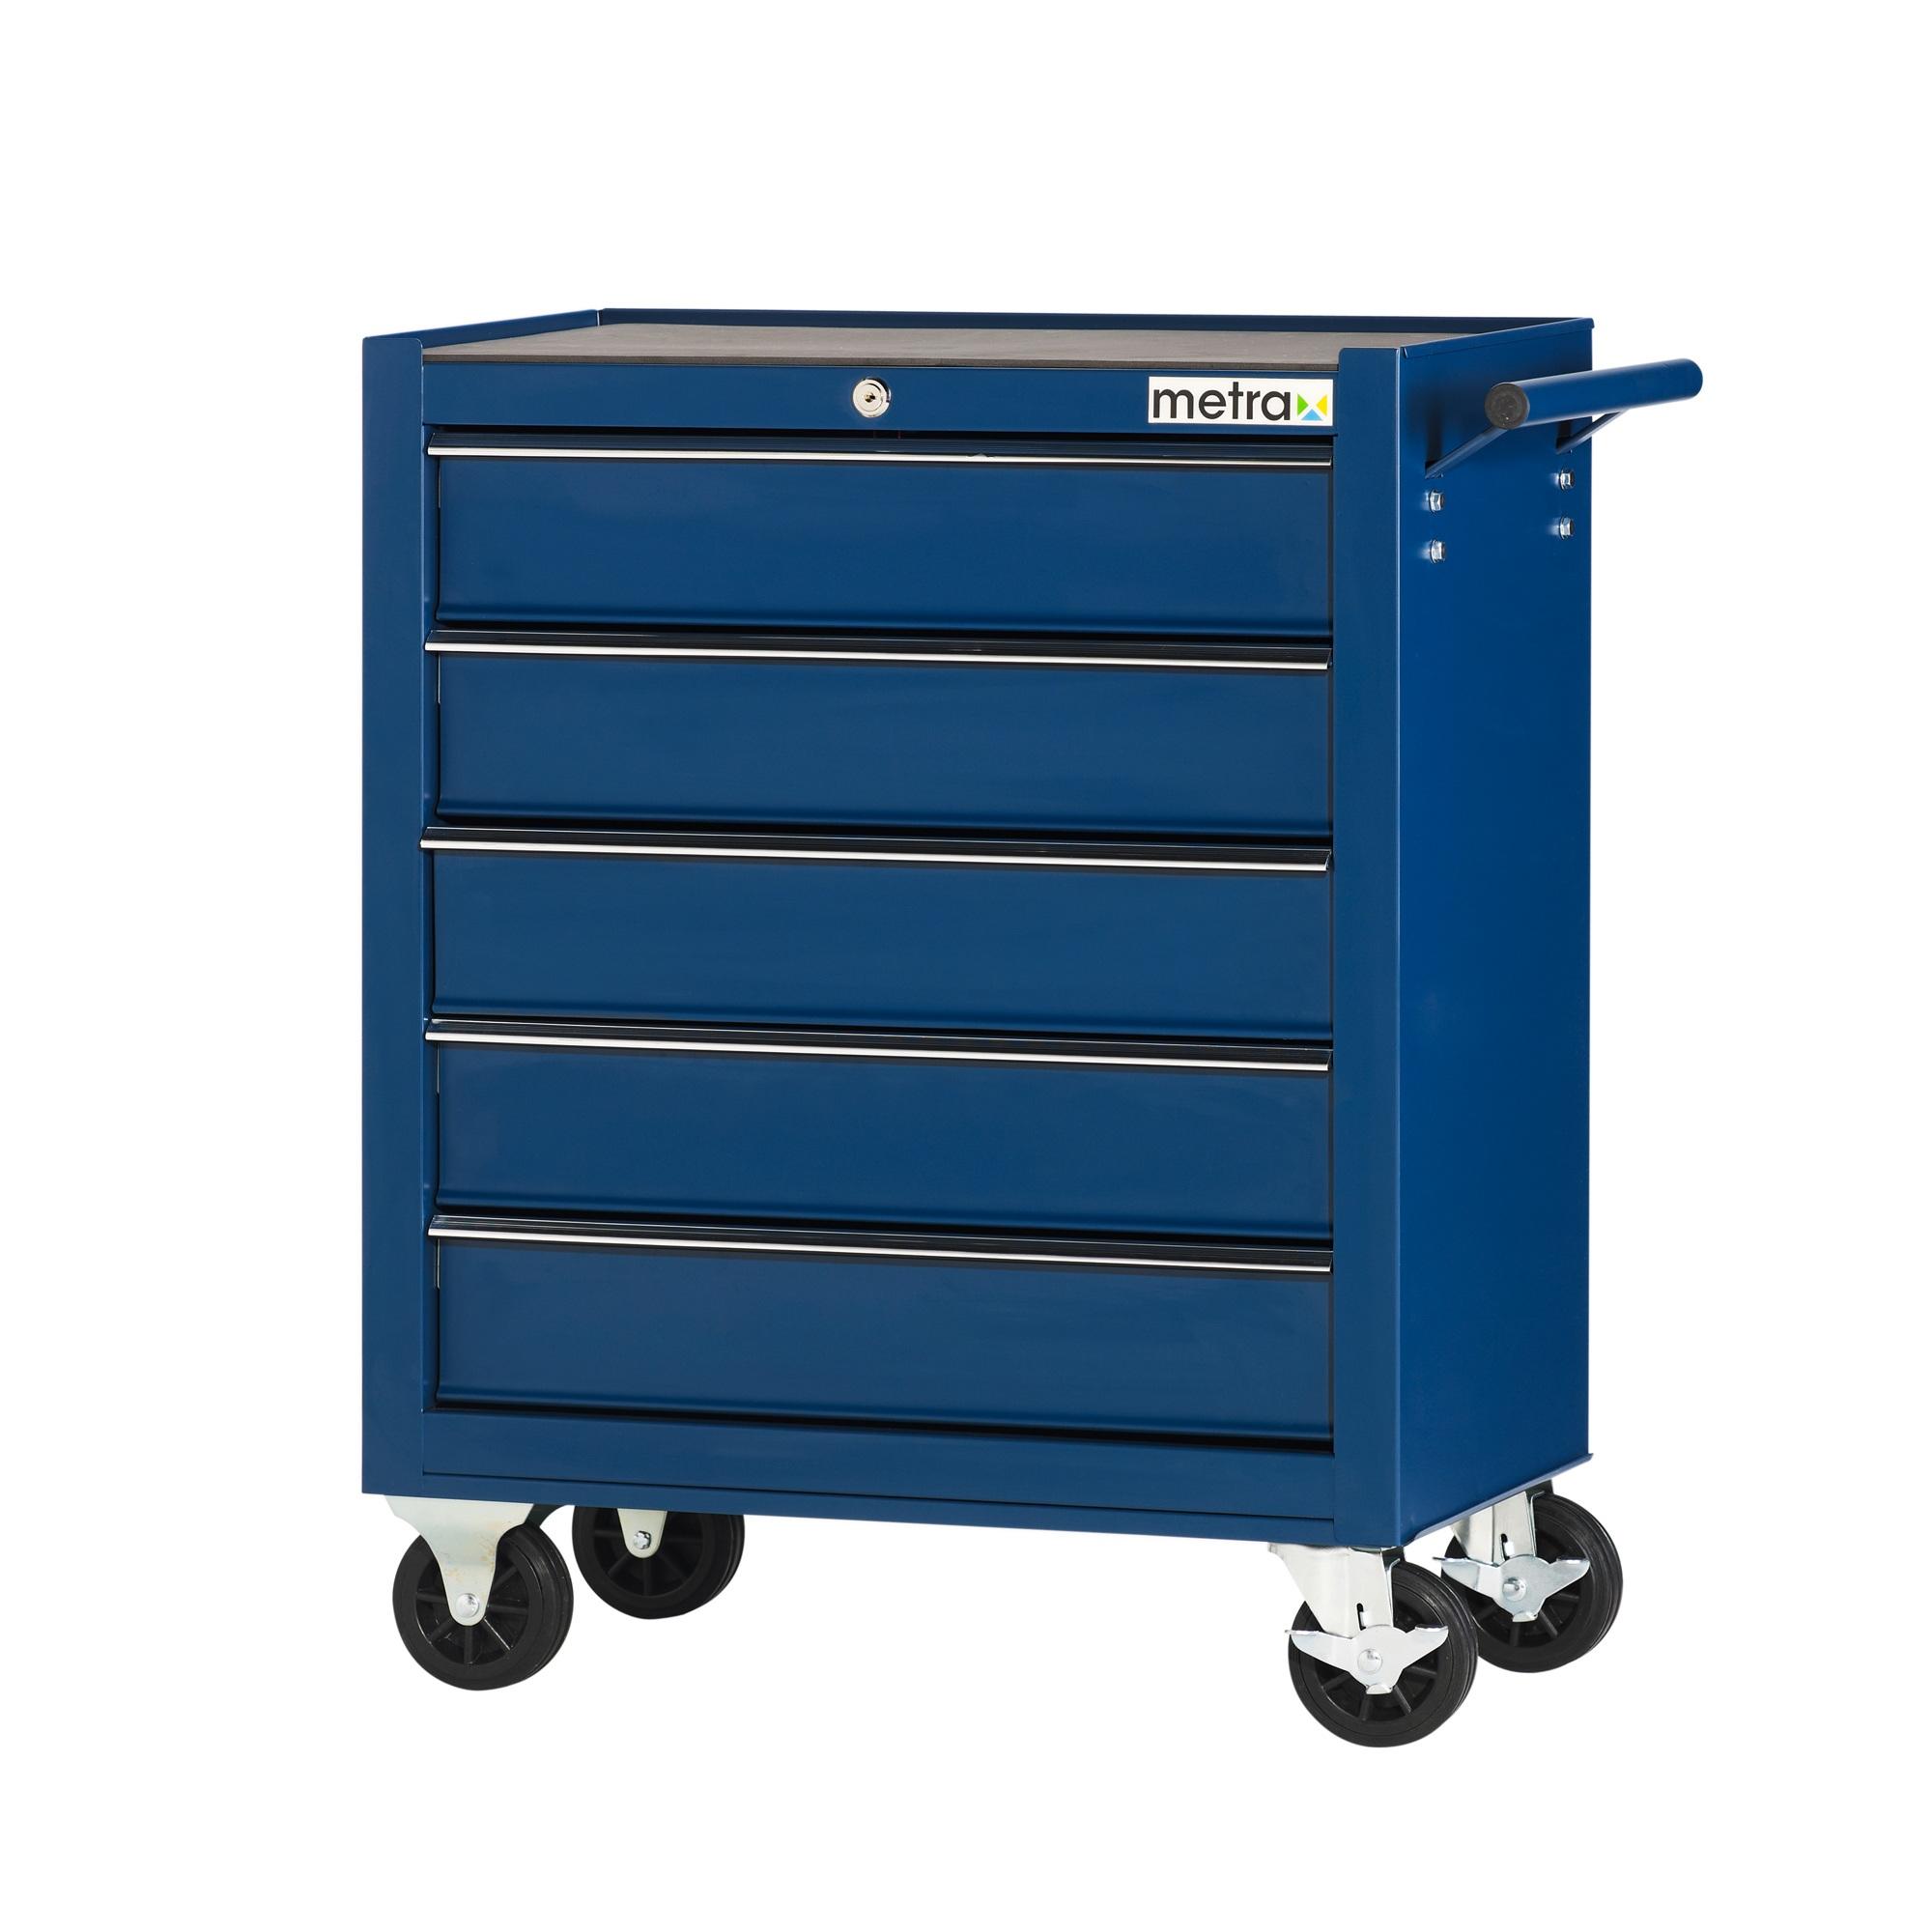 werkstattwagen 5 schubladen leichtbau werkzeugwagen f r die werkstatt blau ebay. Black Bedroom Furniture Sets. Home Design Ideas